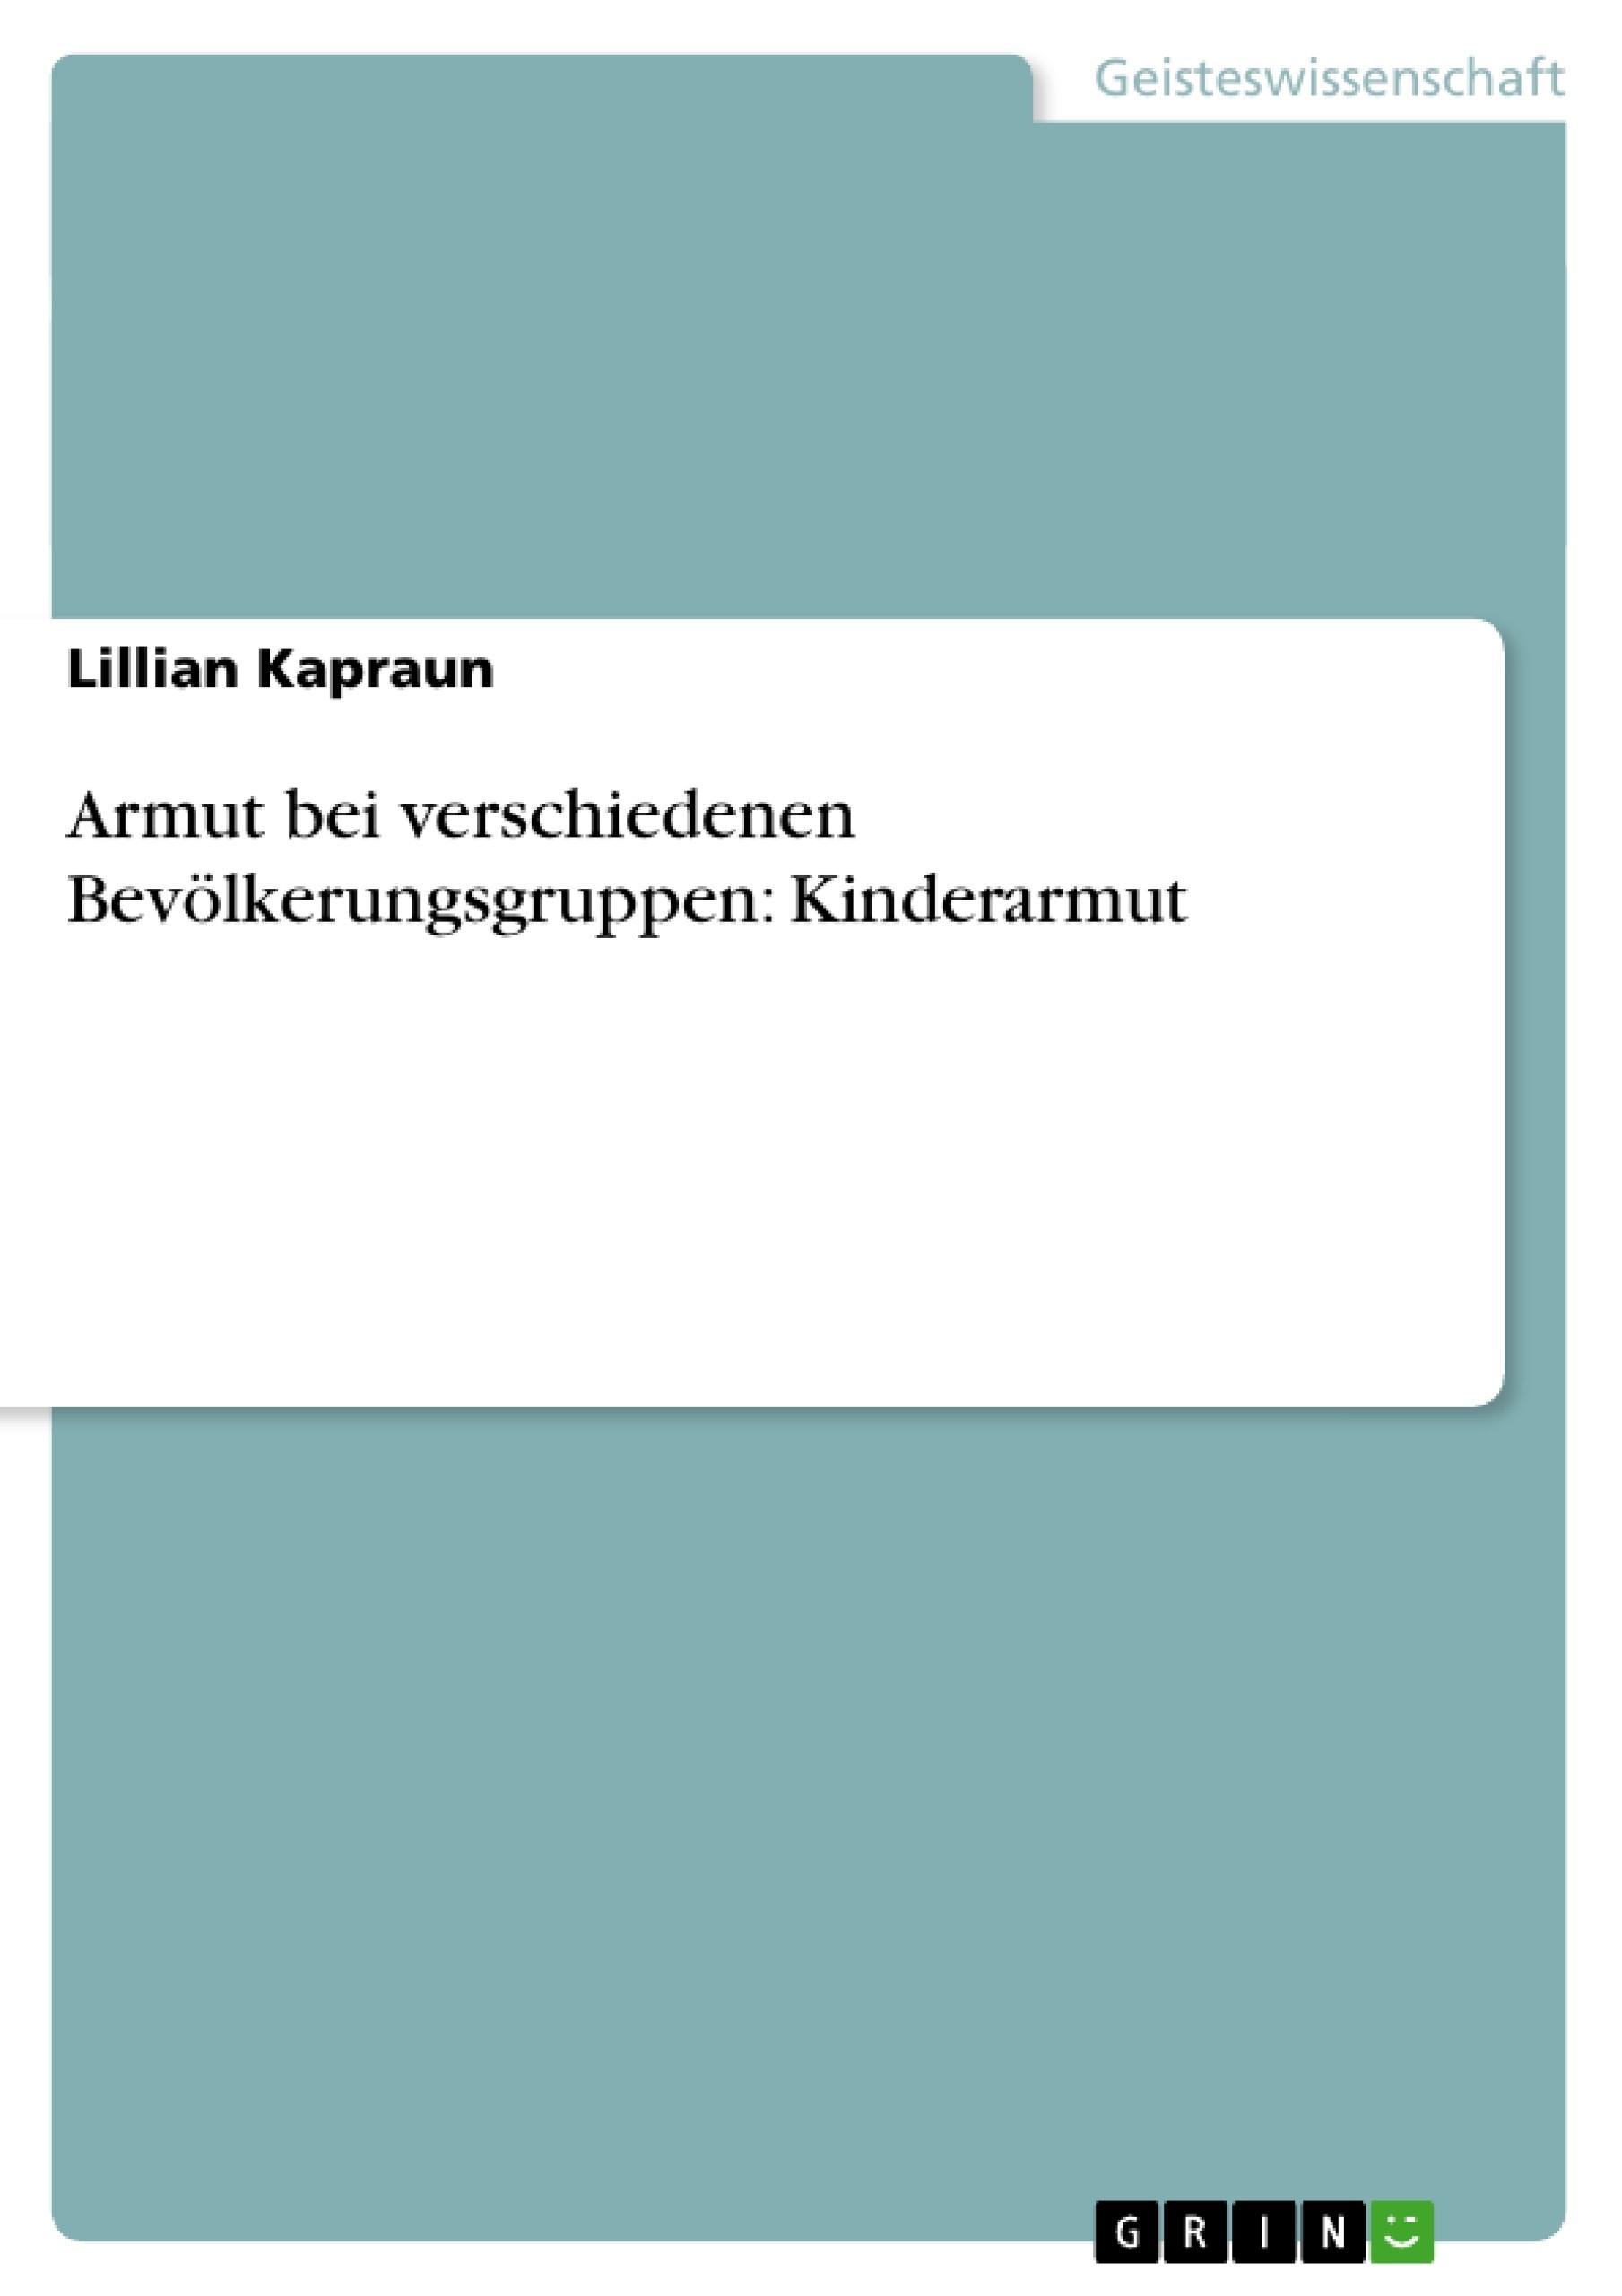 Titel: Armut bei verschiedenen Bevölkerungsgruppen: Kinderarmut